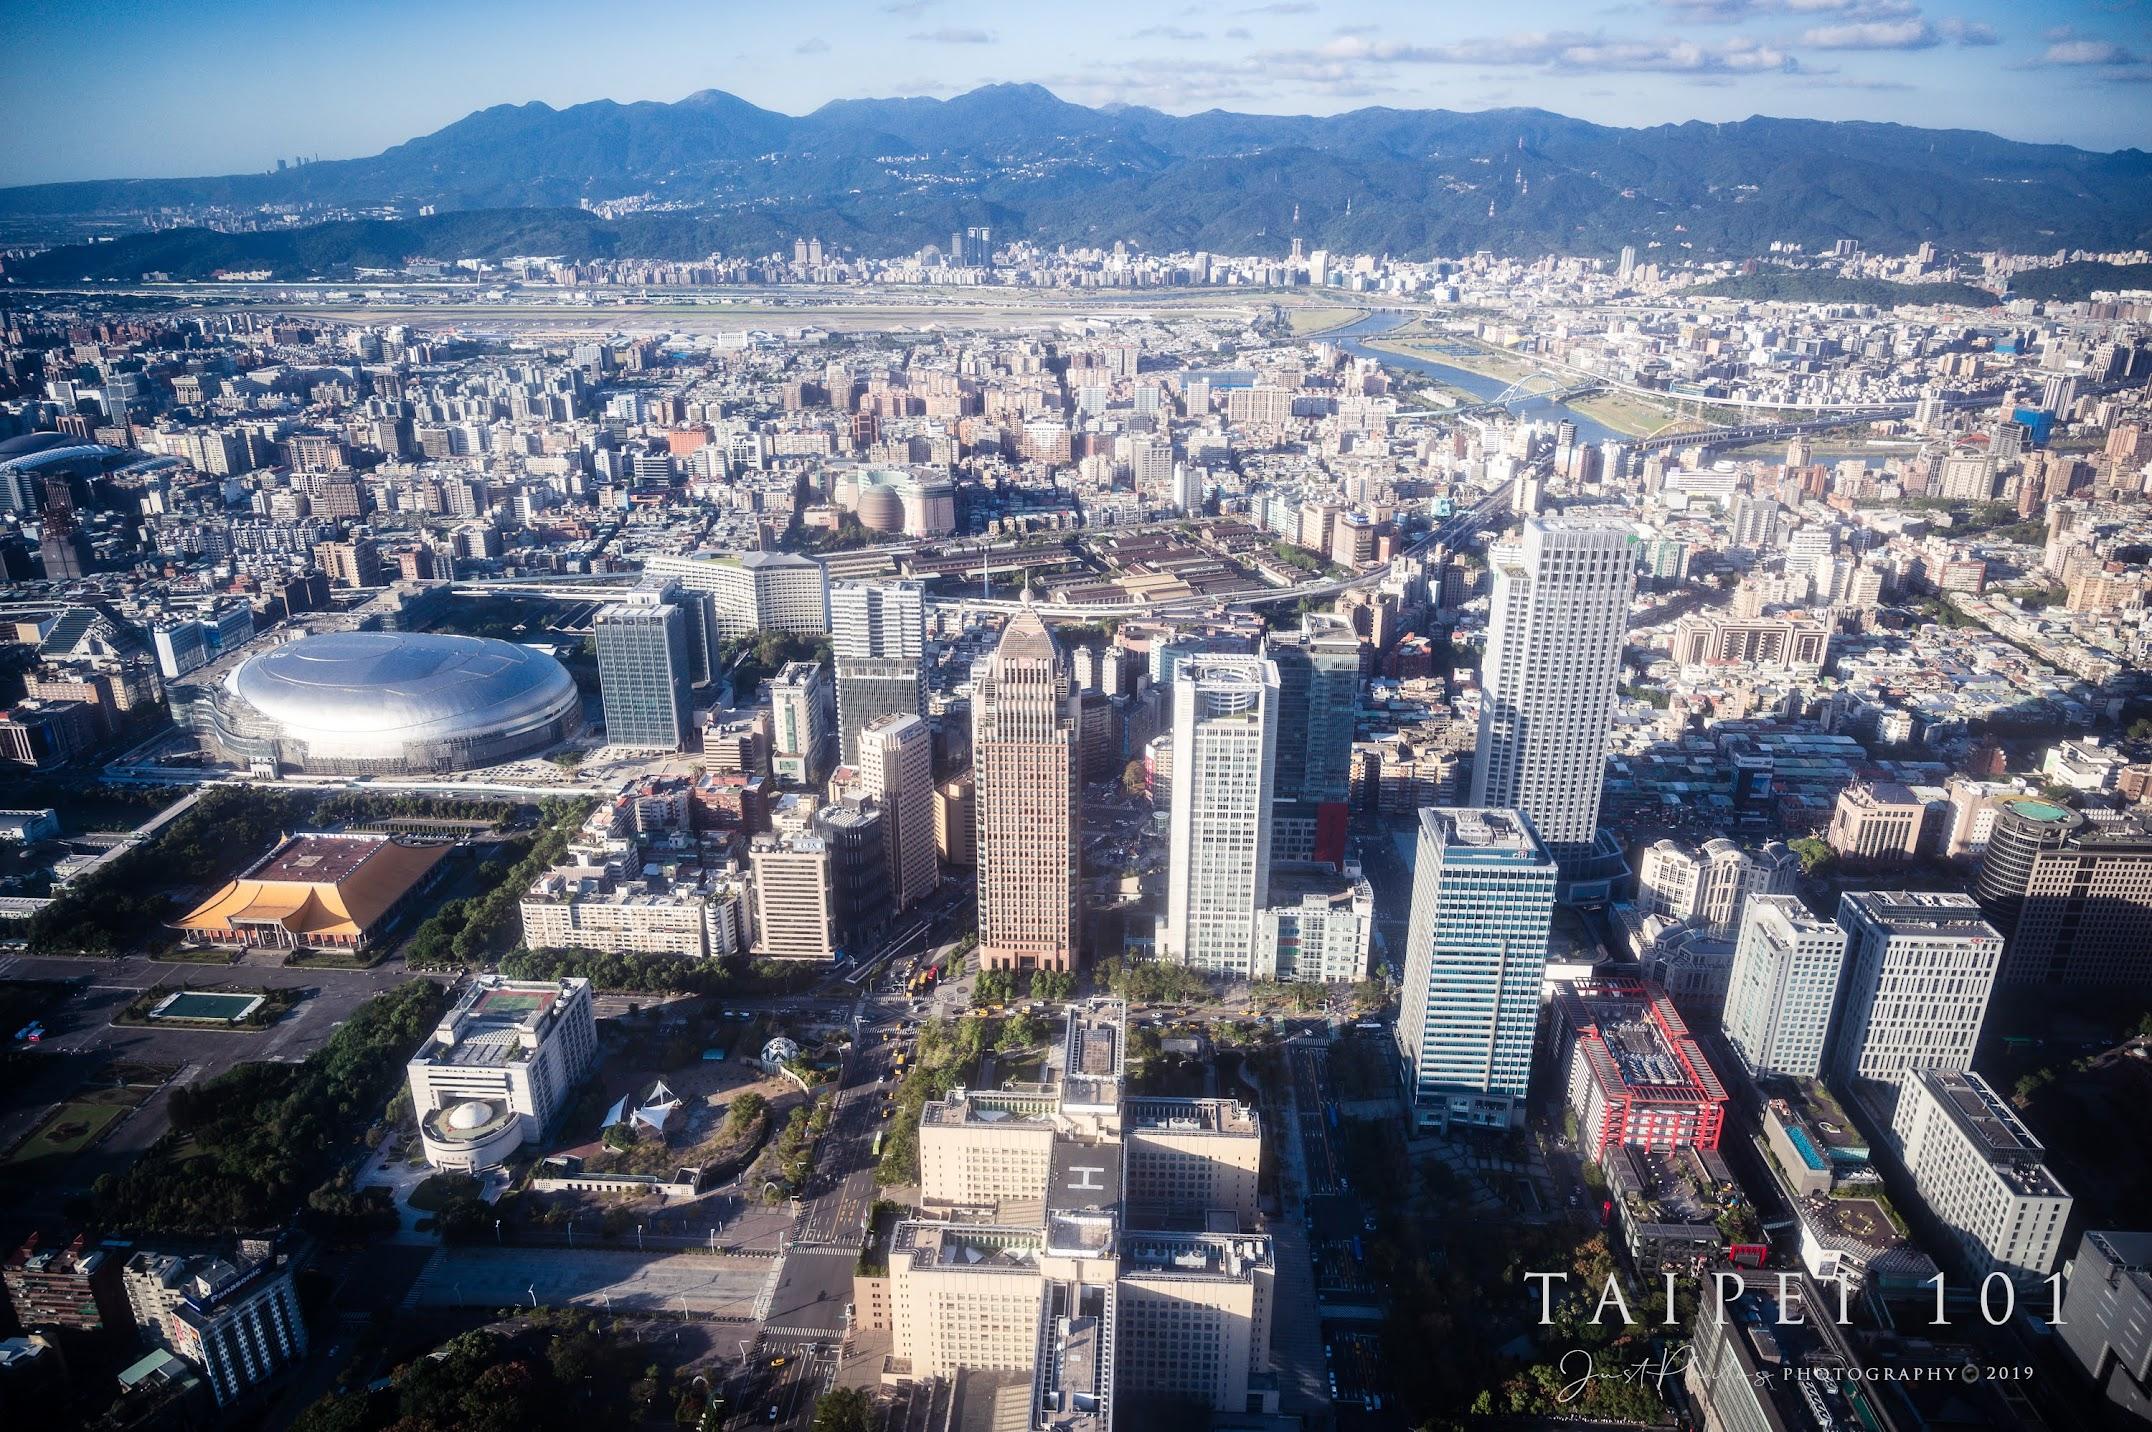 從台北101可以很清楚的看到松山機場起降的飛機。